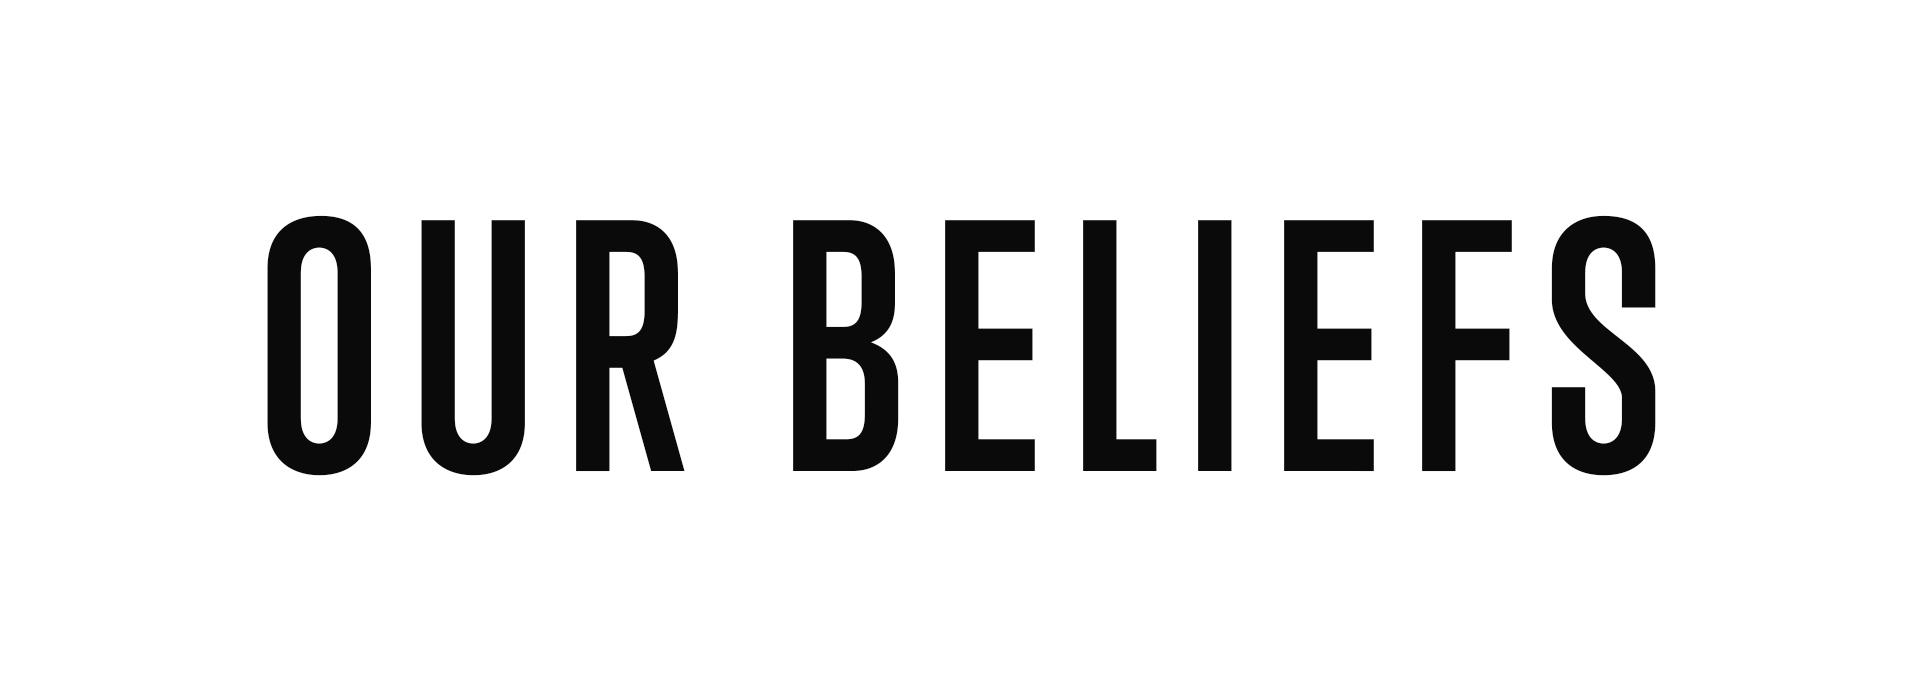 Our Beliefs_black-white.jpg